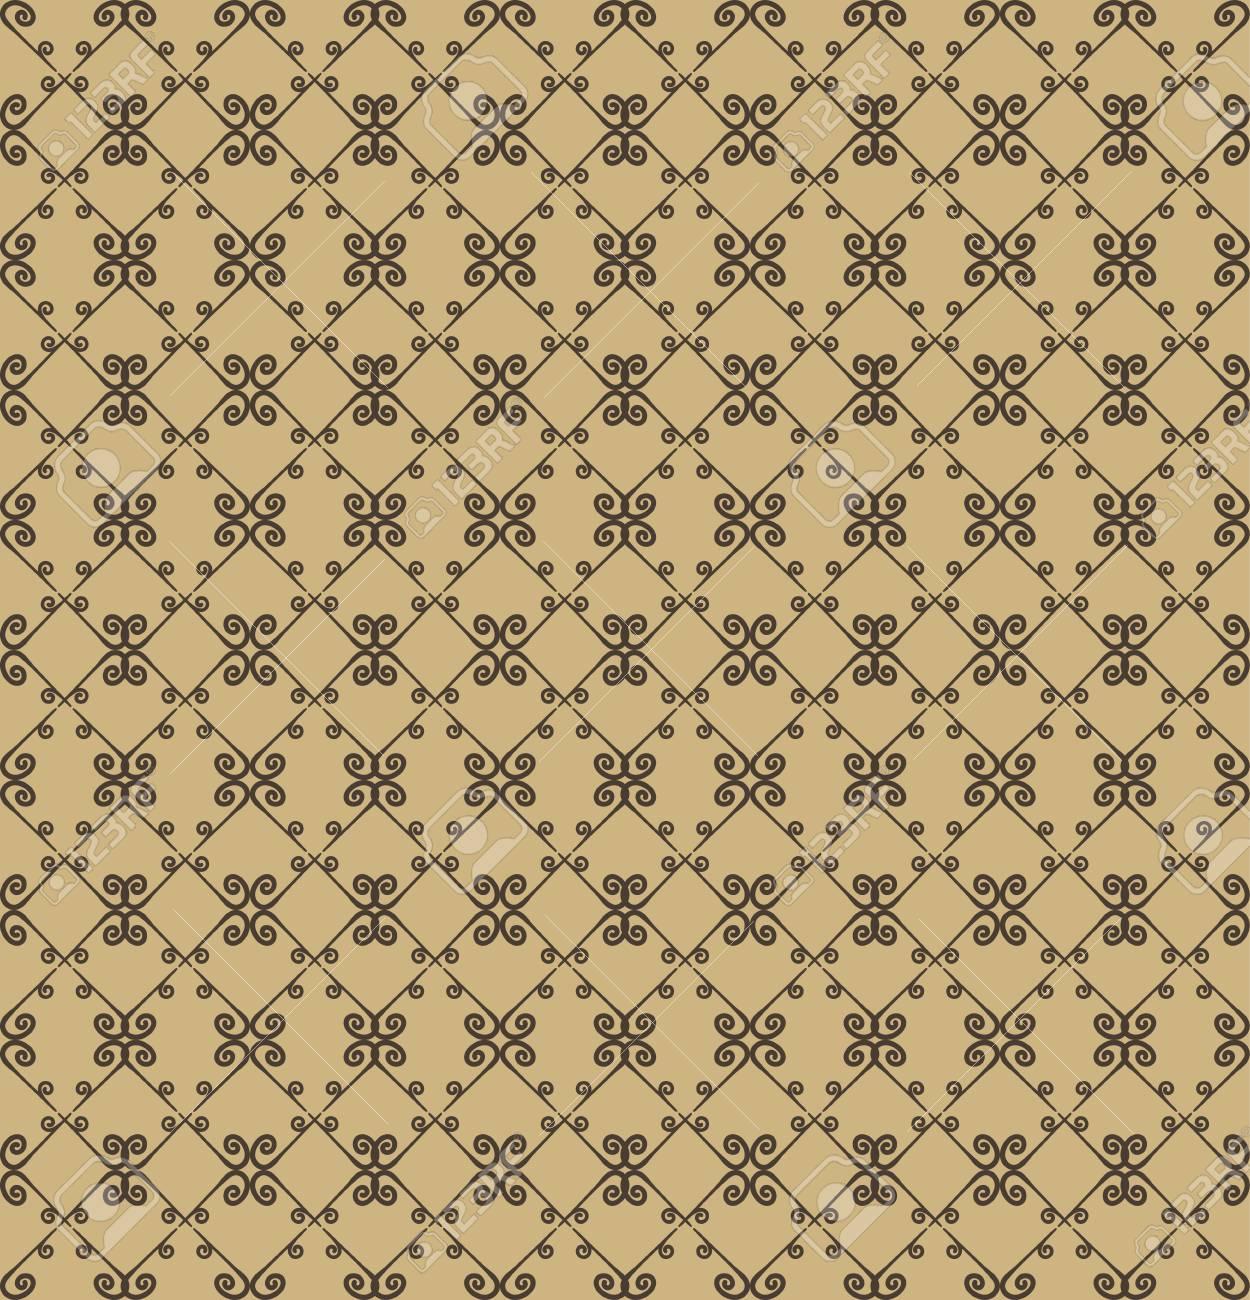 Dekoratives Nahtloses Muster. Beige Und Braune Farben. Endlose Vorlage Für  Tapete, Textil,